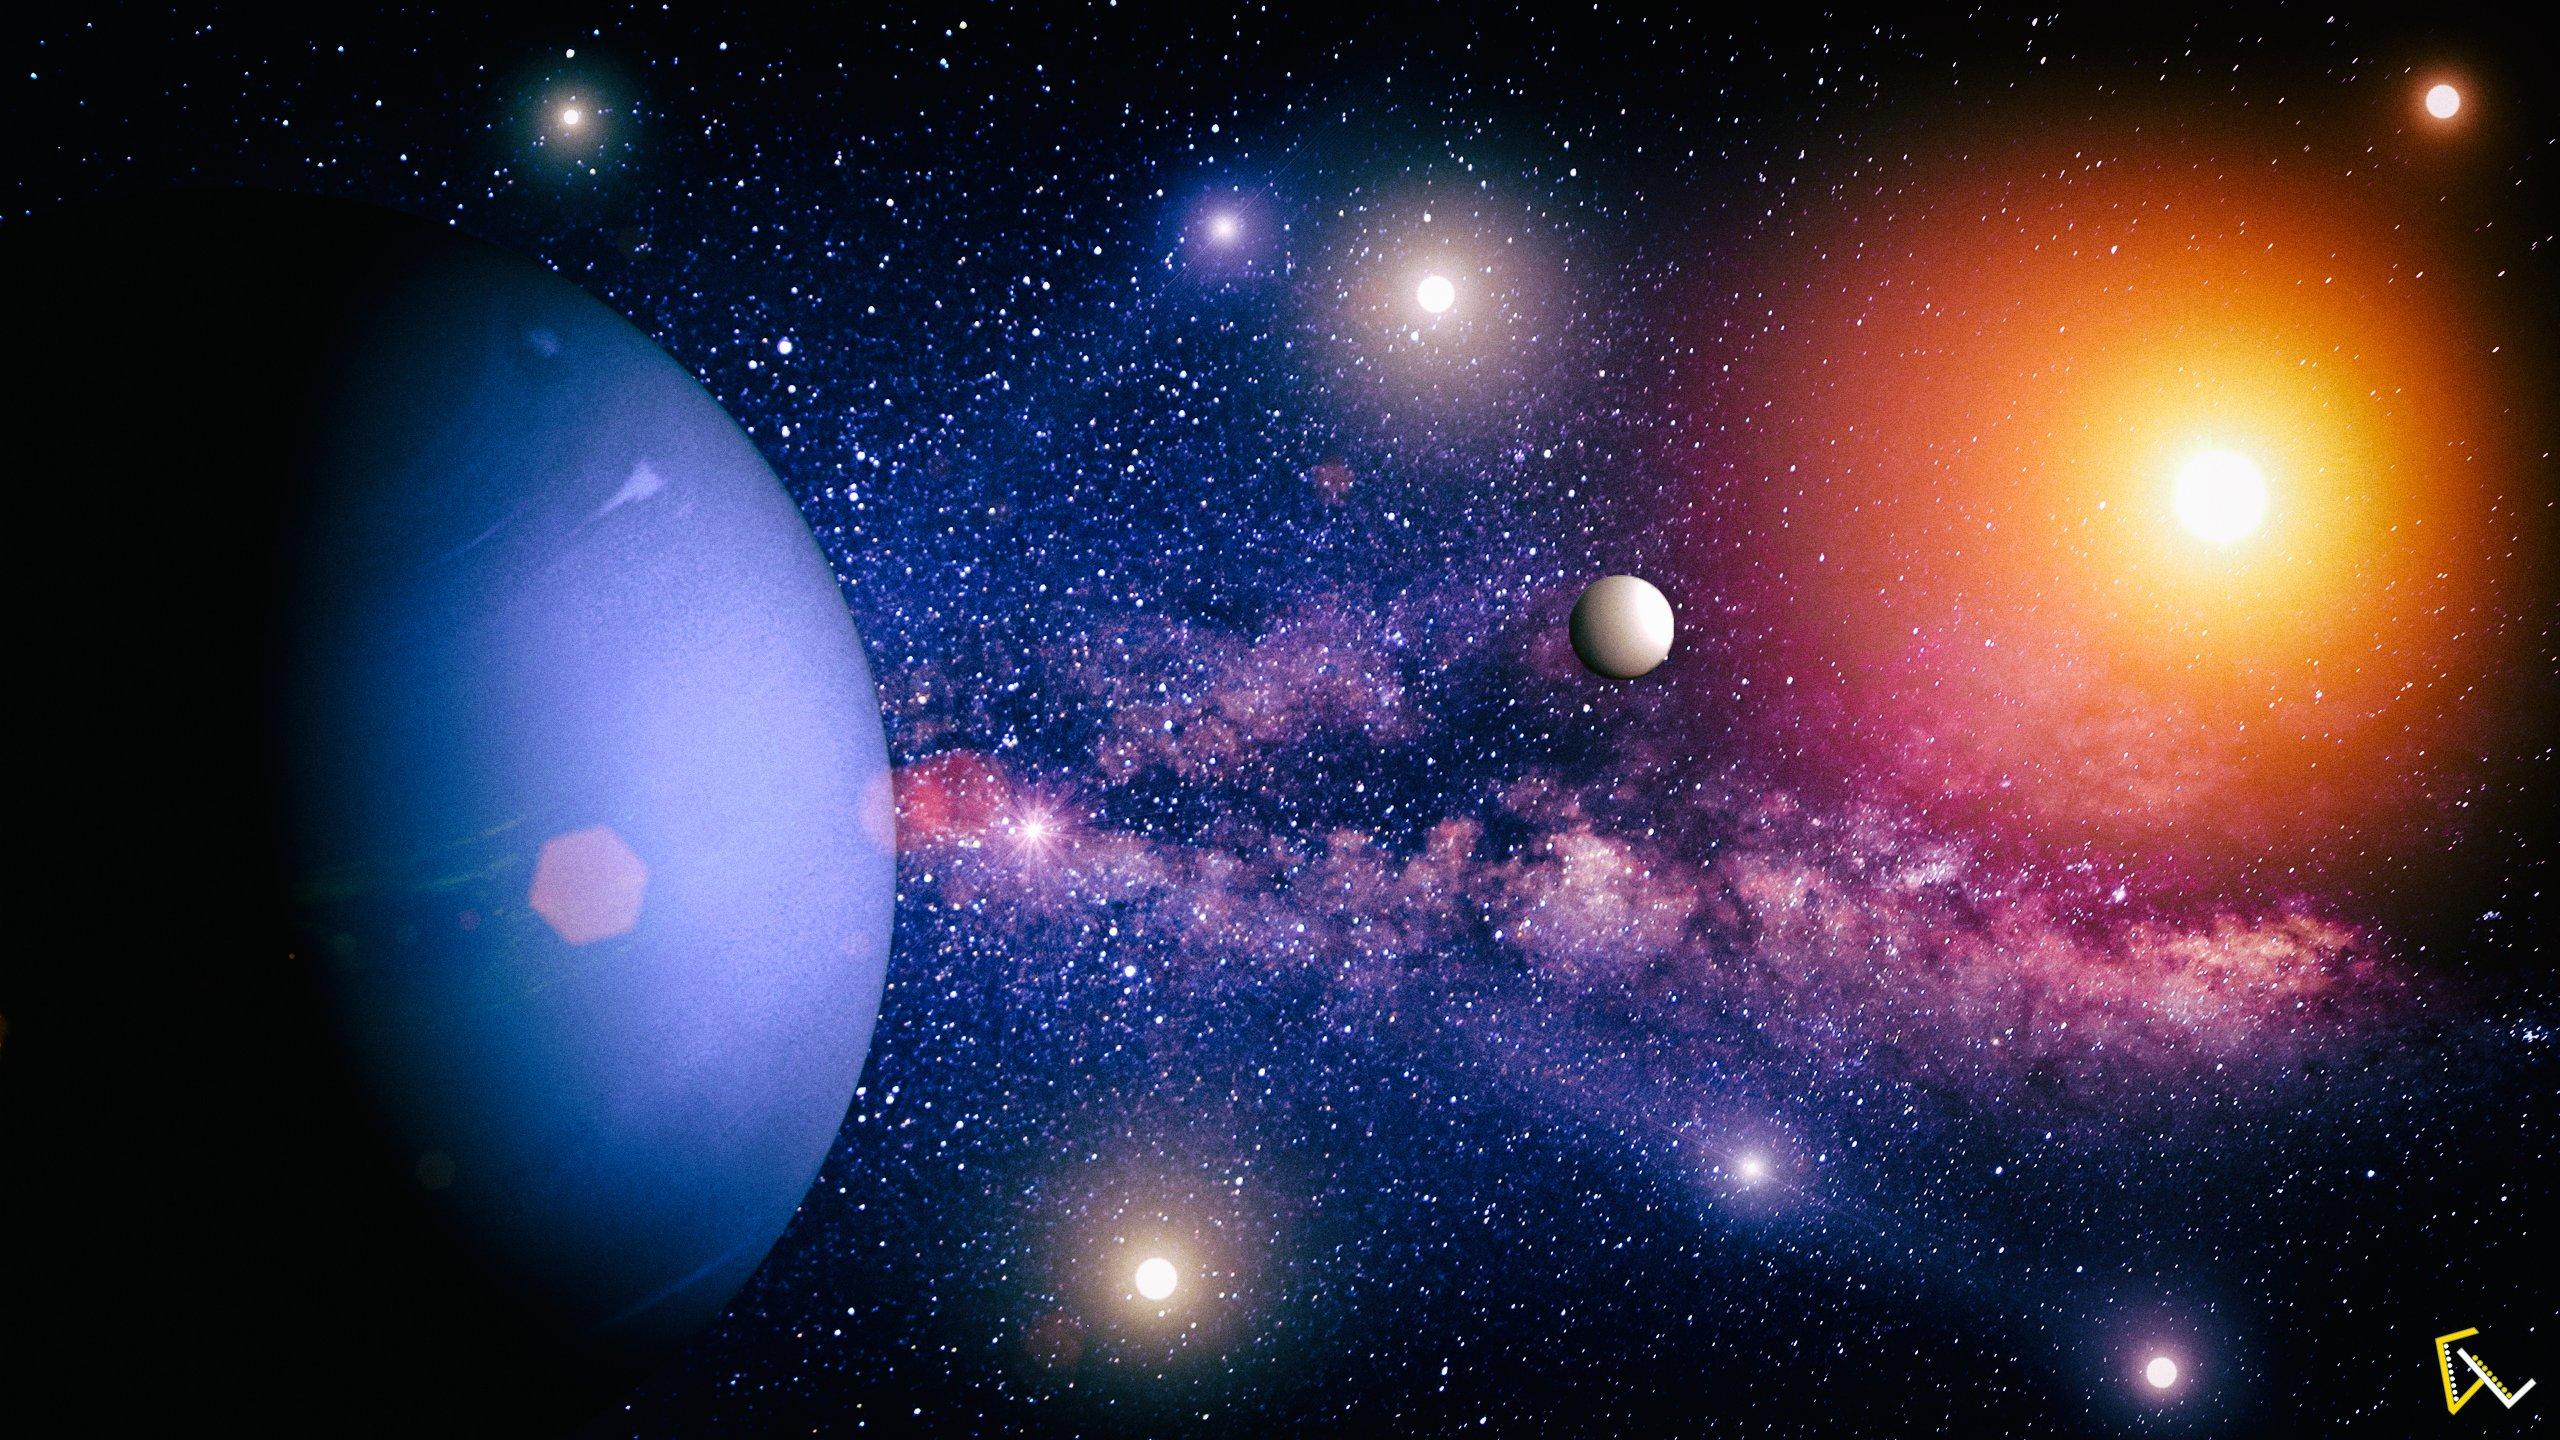 Планета нептун красивые картинки, первым зубом девочке